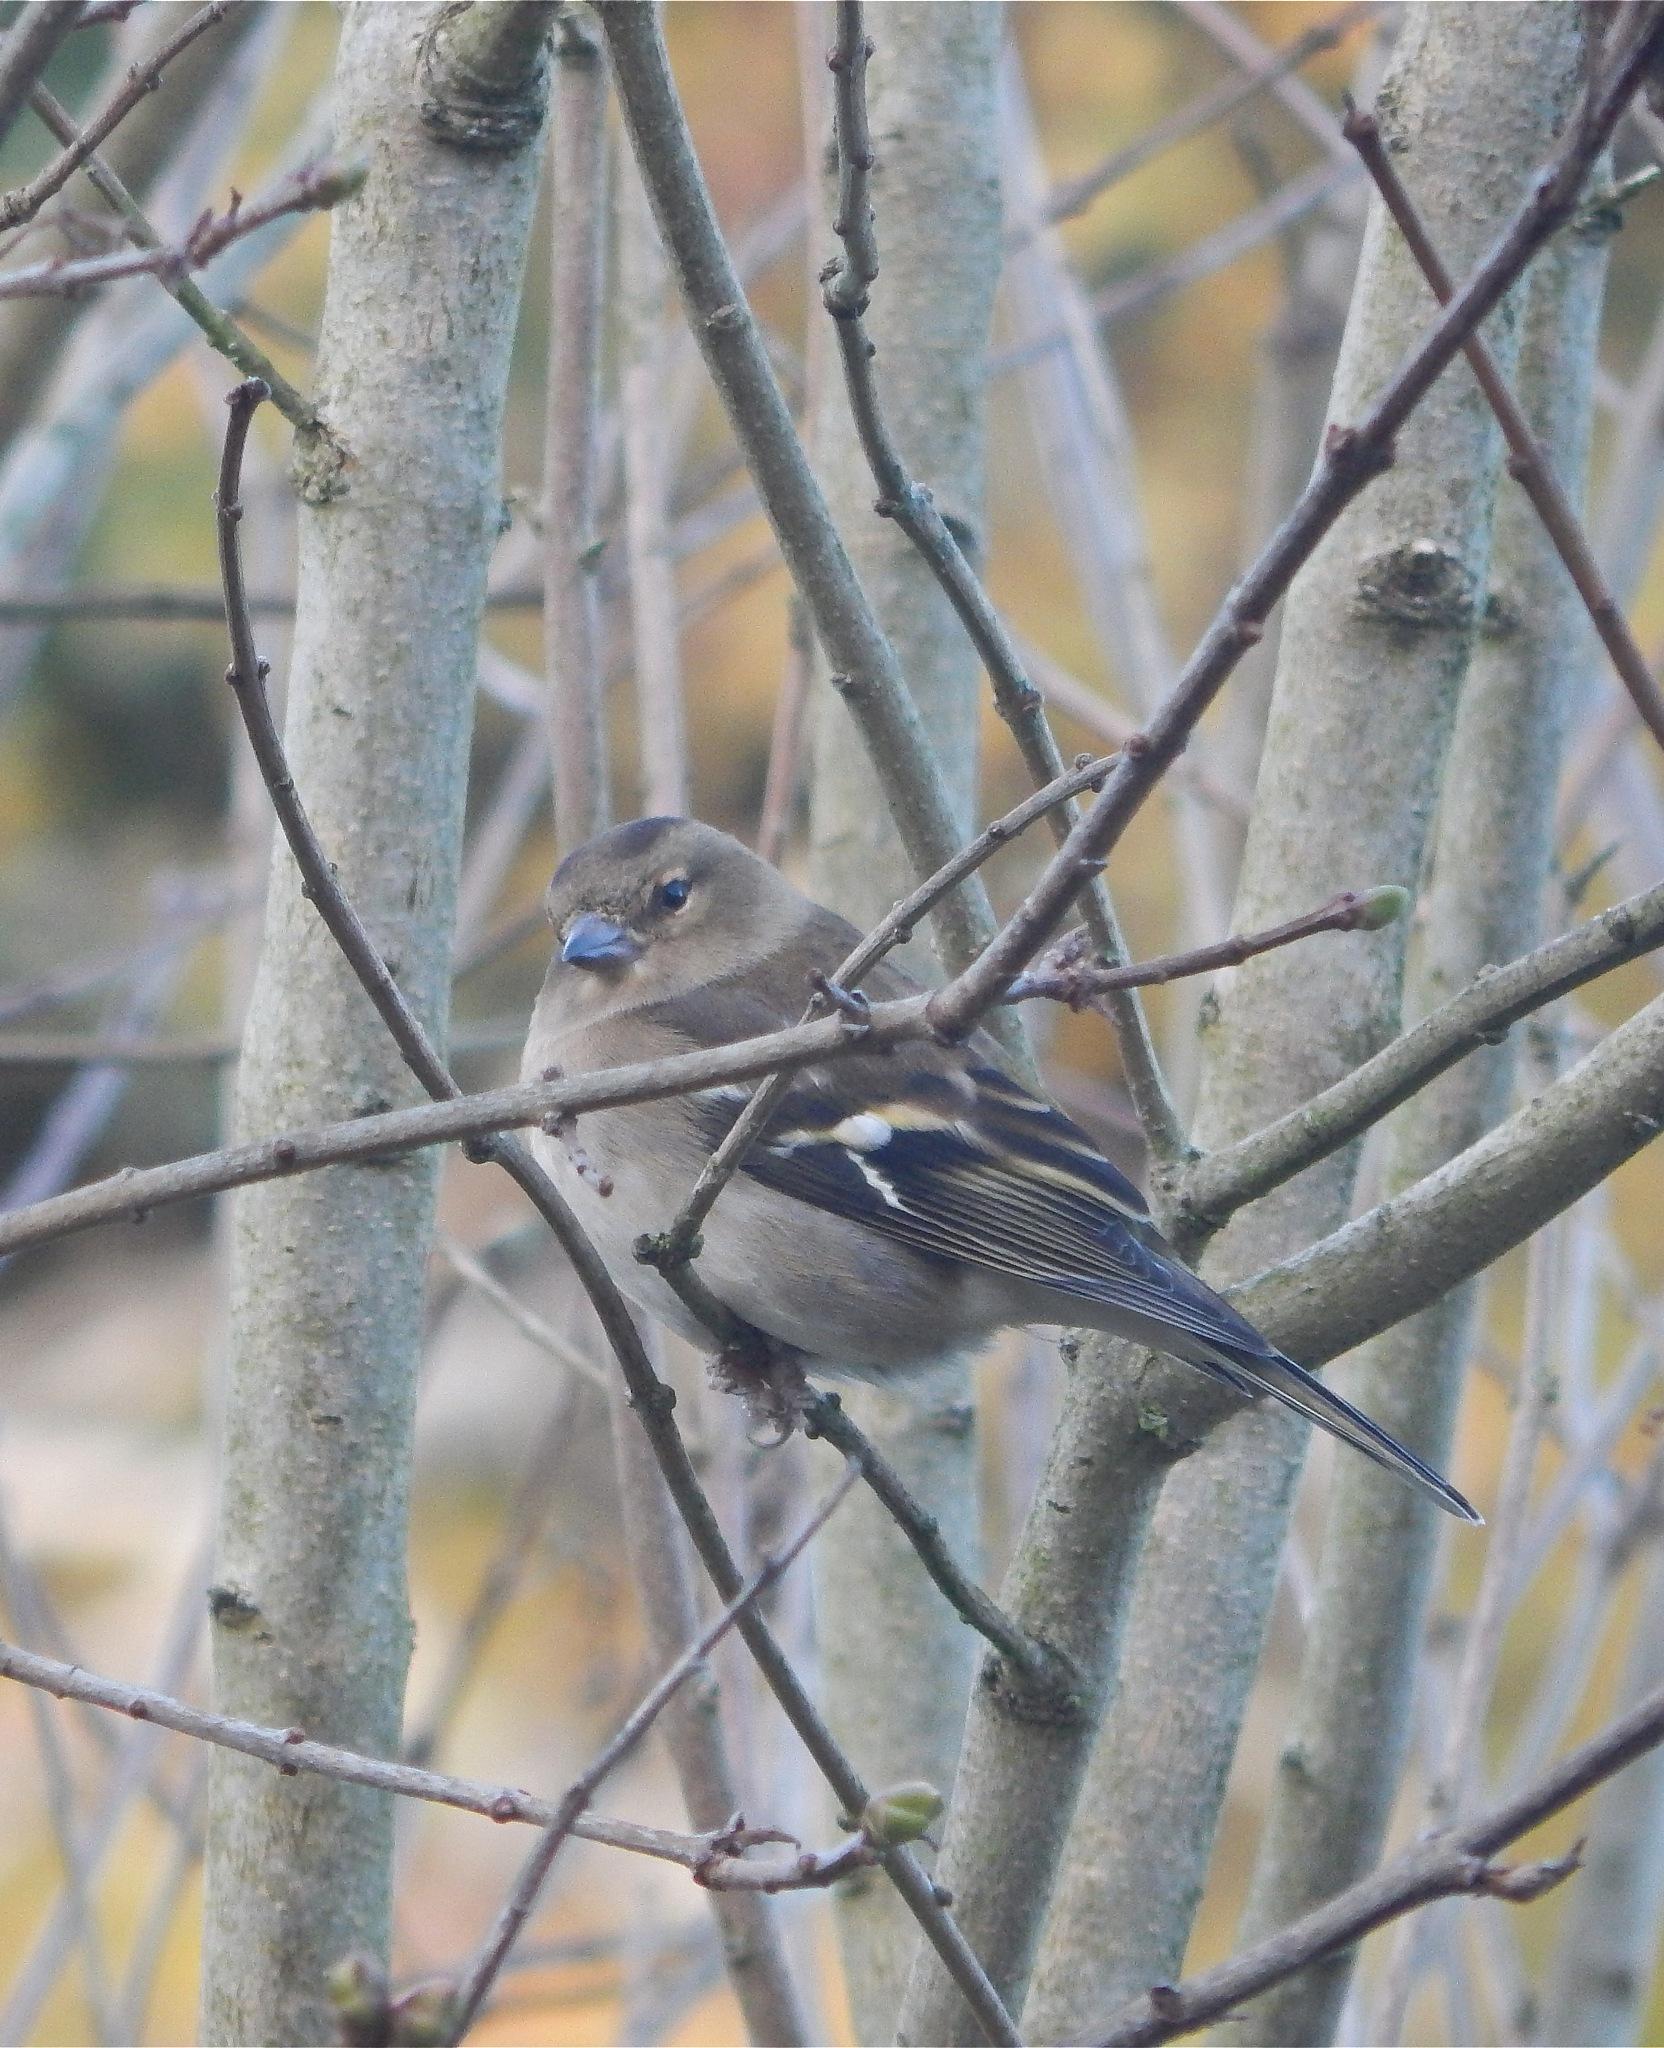 bird 3/20 by nikita.buckley.9